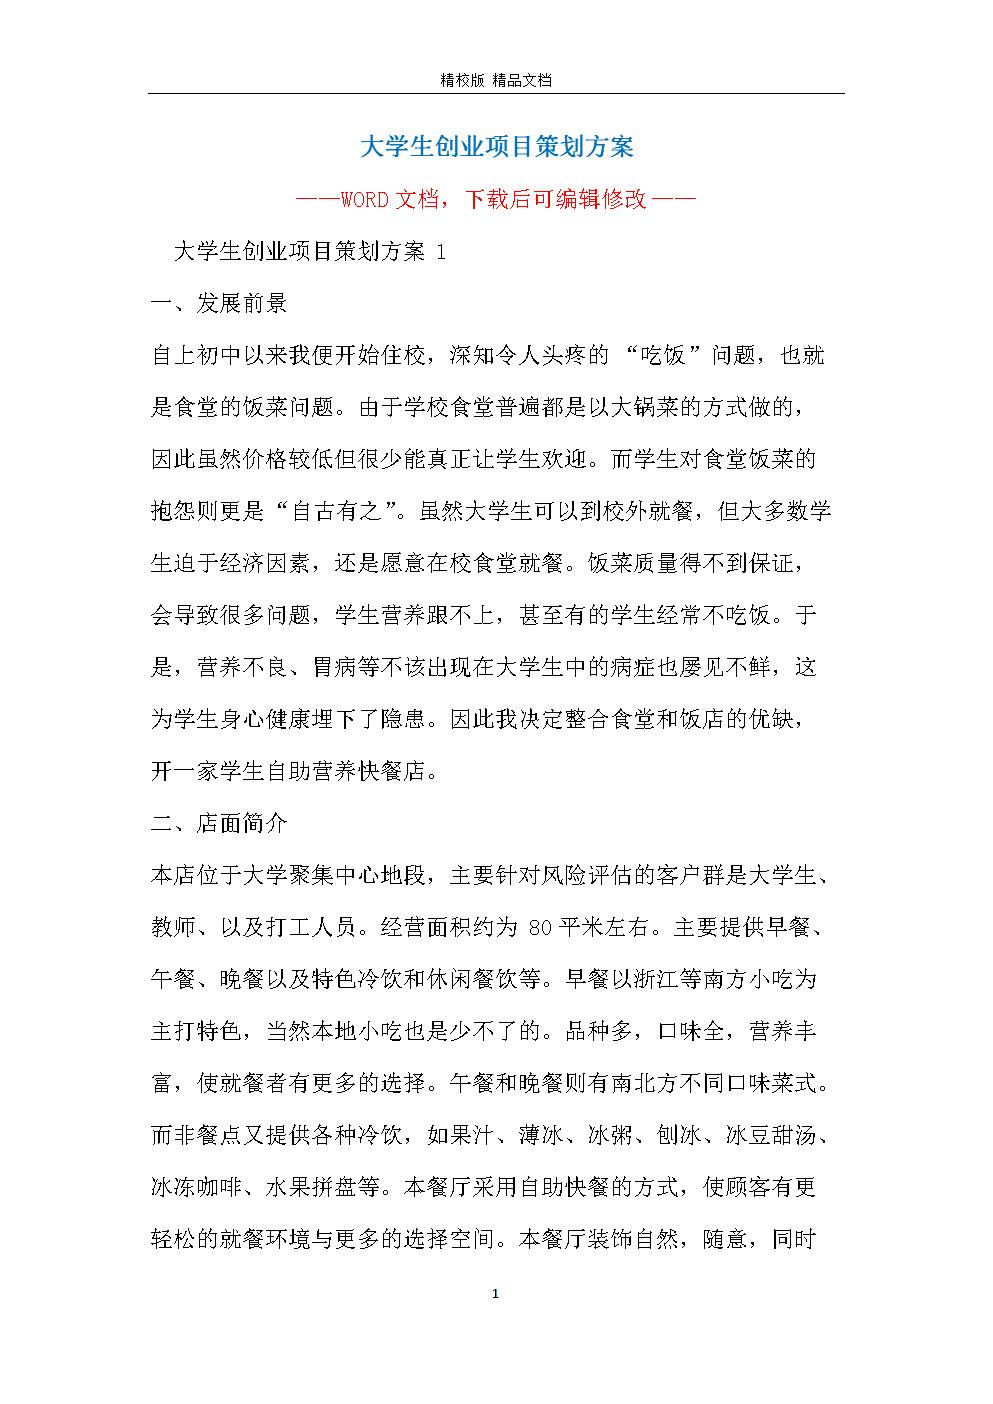 大学生创业项目策划方案.docx